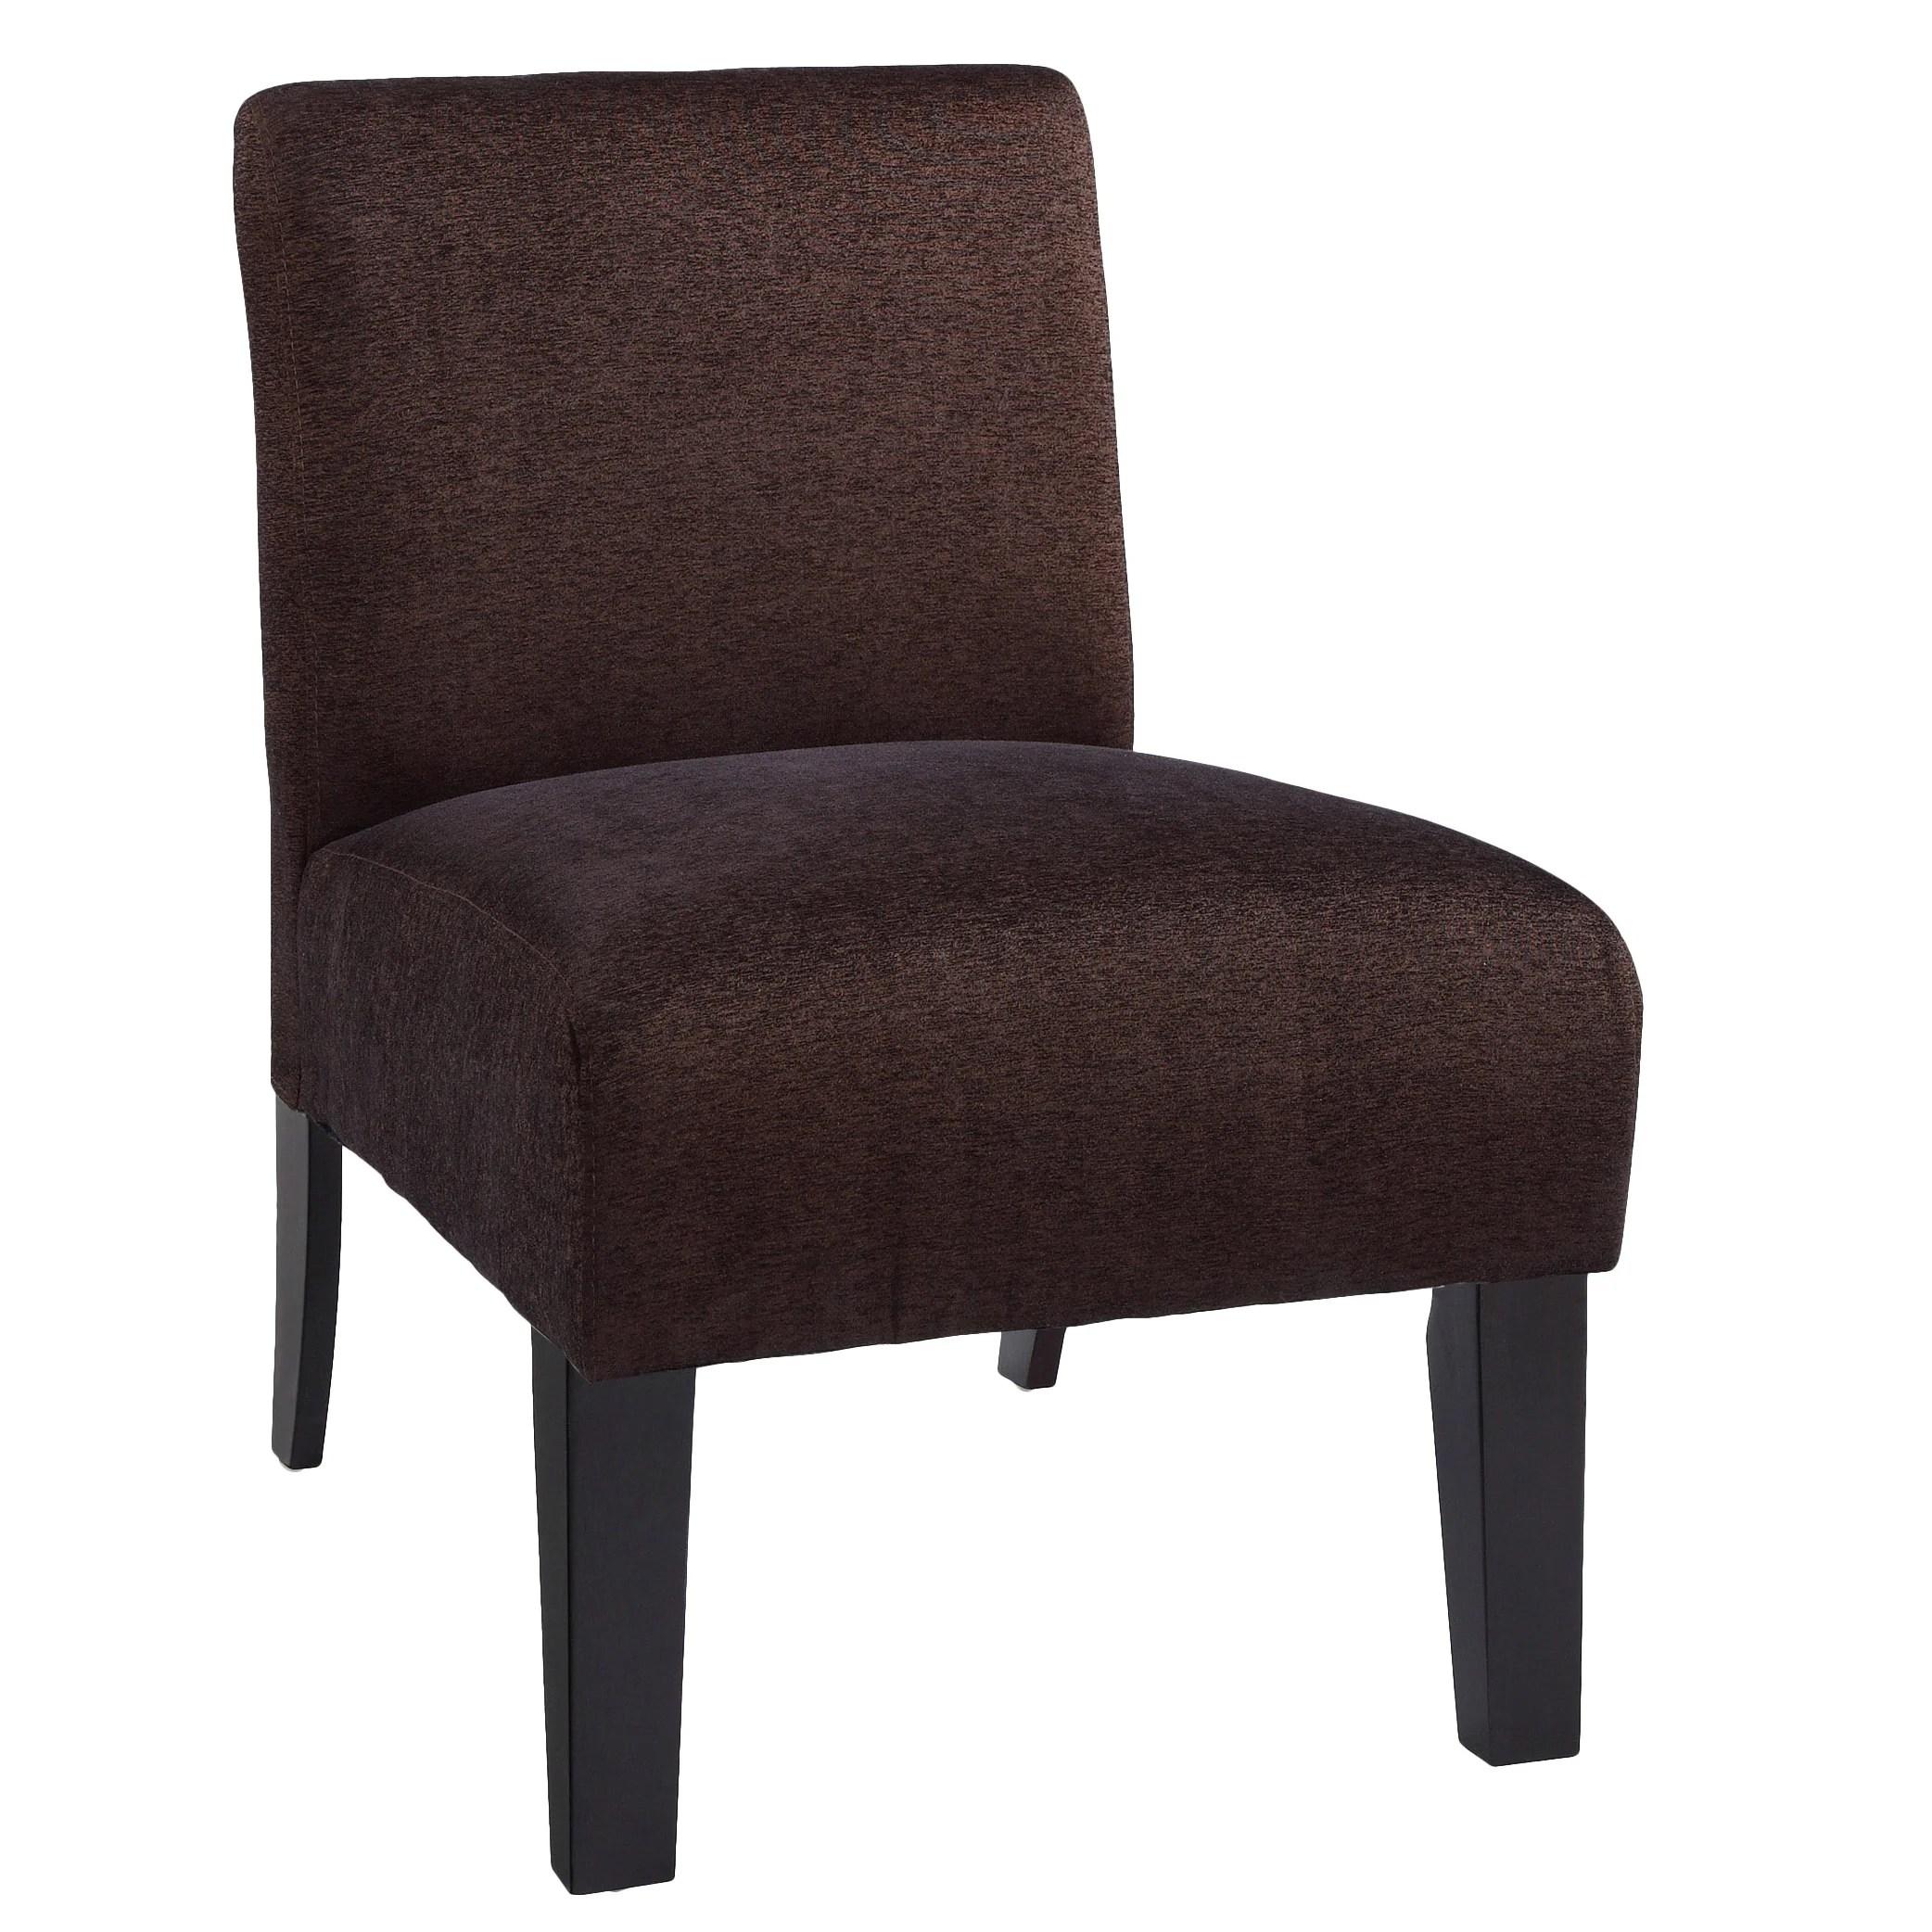 brown slipper chair custom kids varick gallery arrandale solid and reviews